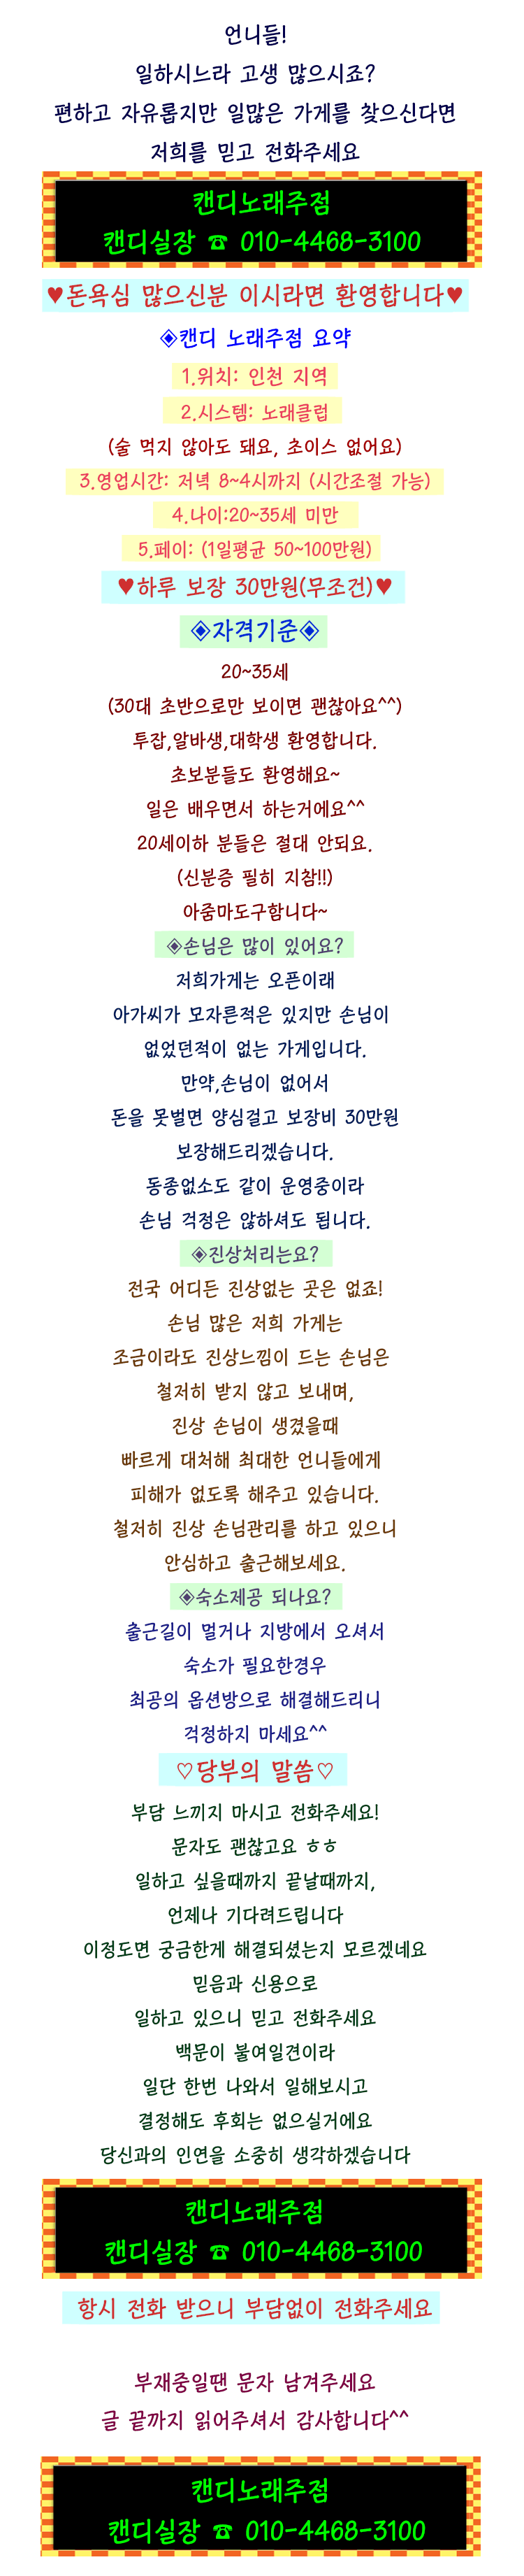 밤알바 인천 캔디 입니다. 많은 이용 부탁 드립니다.